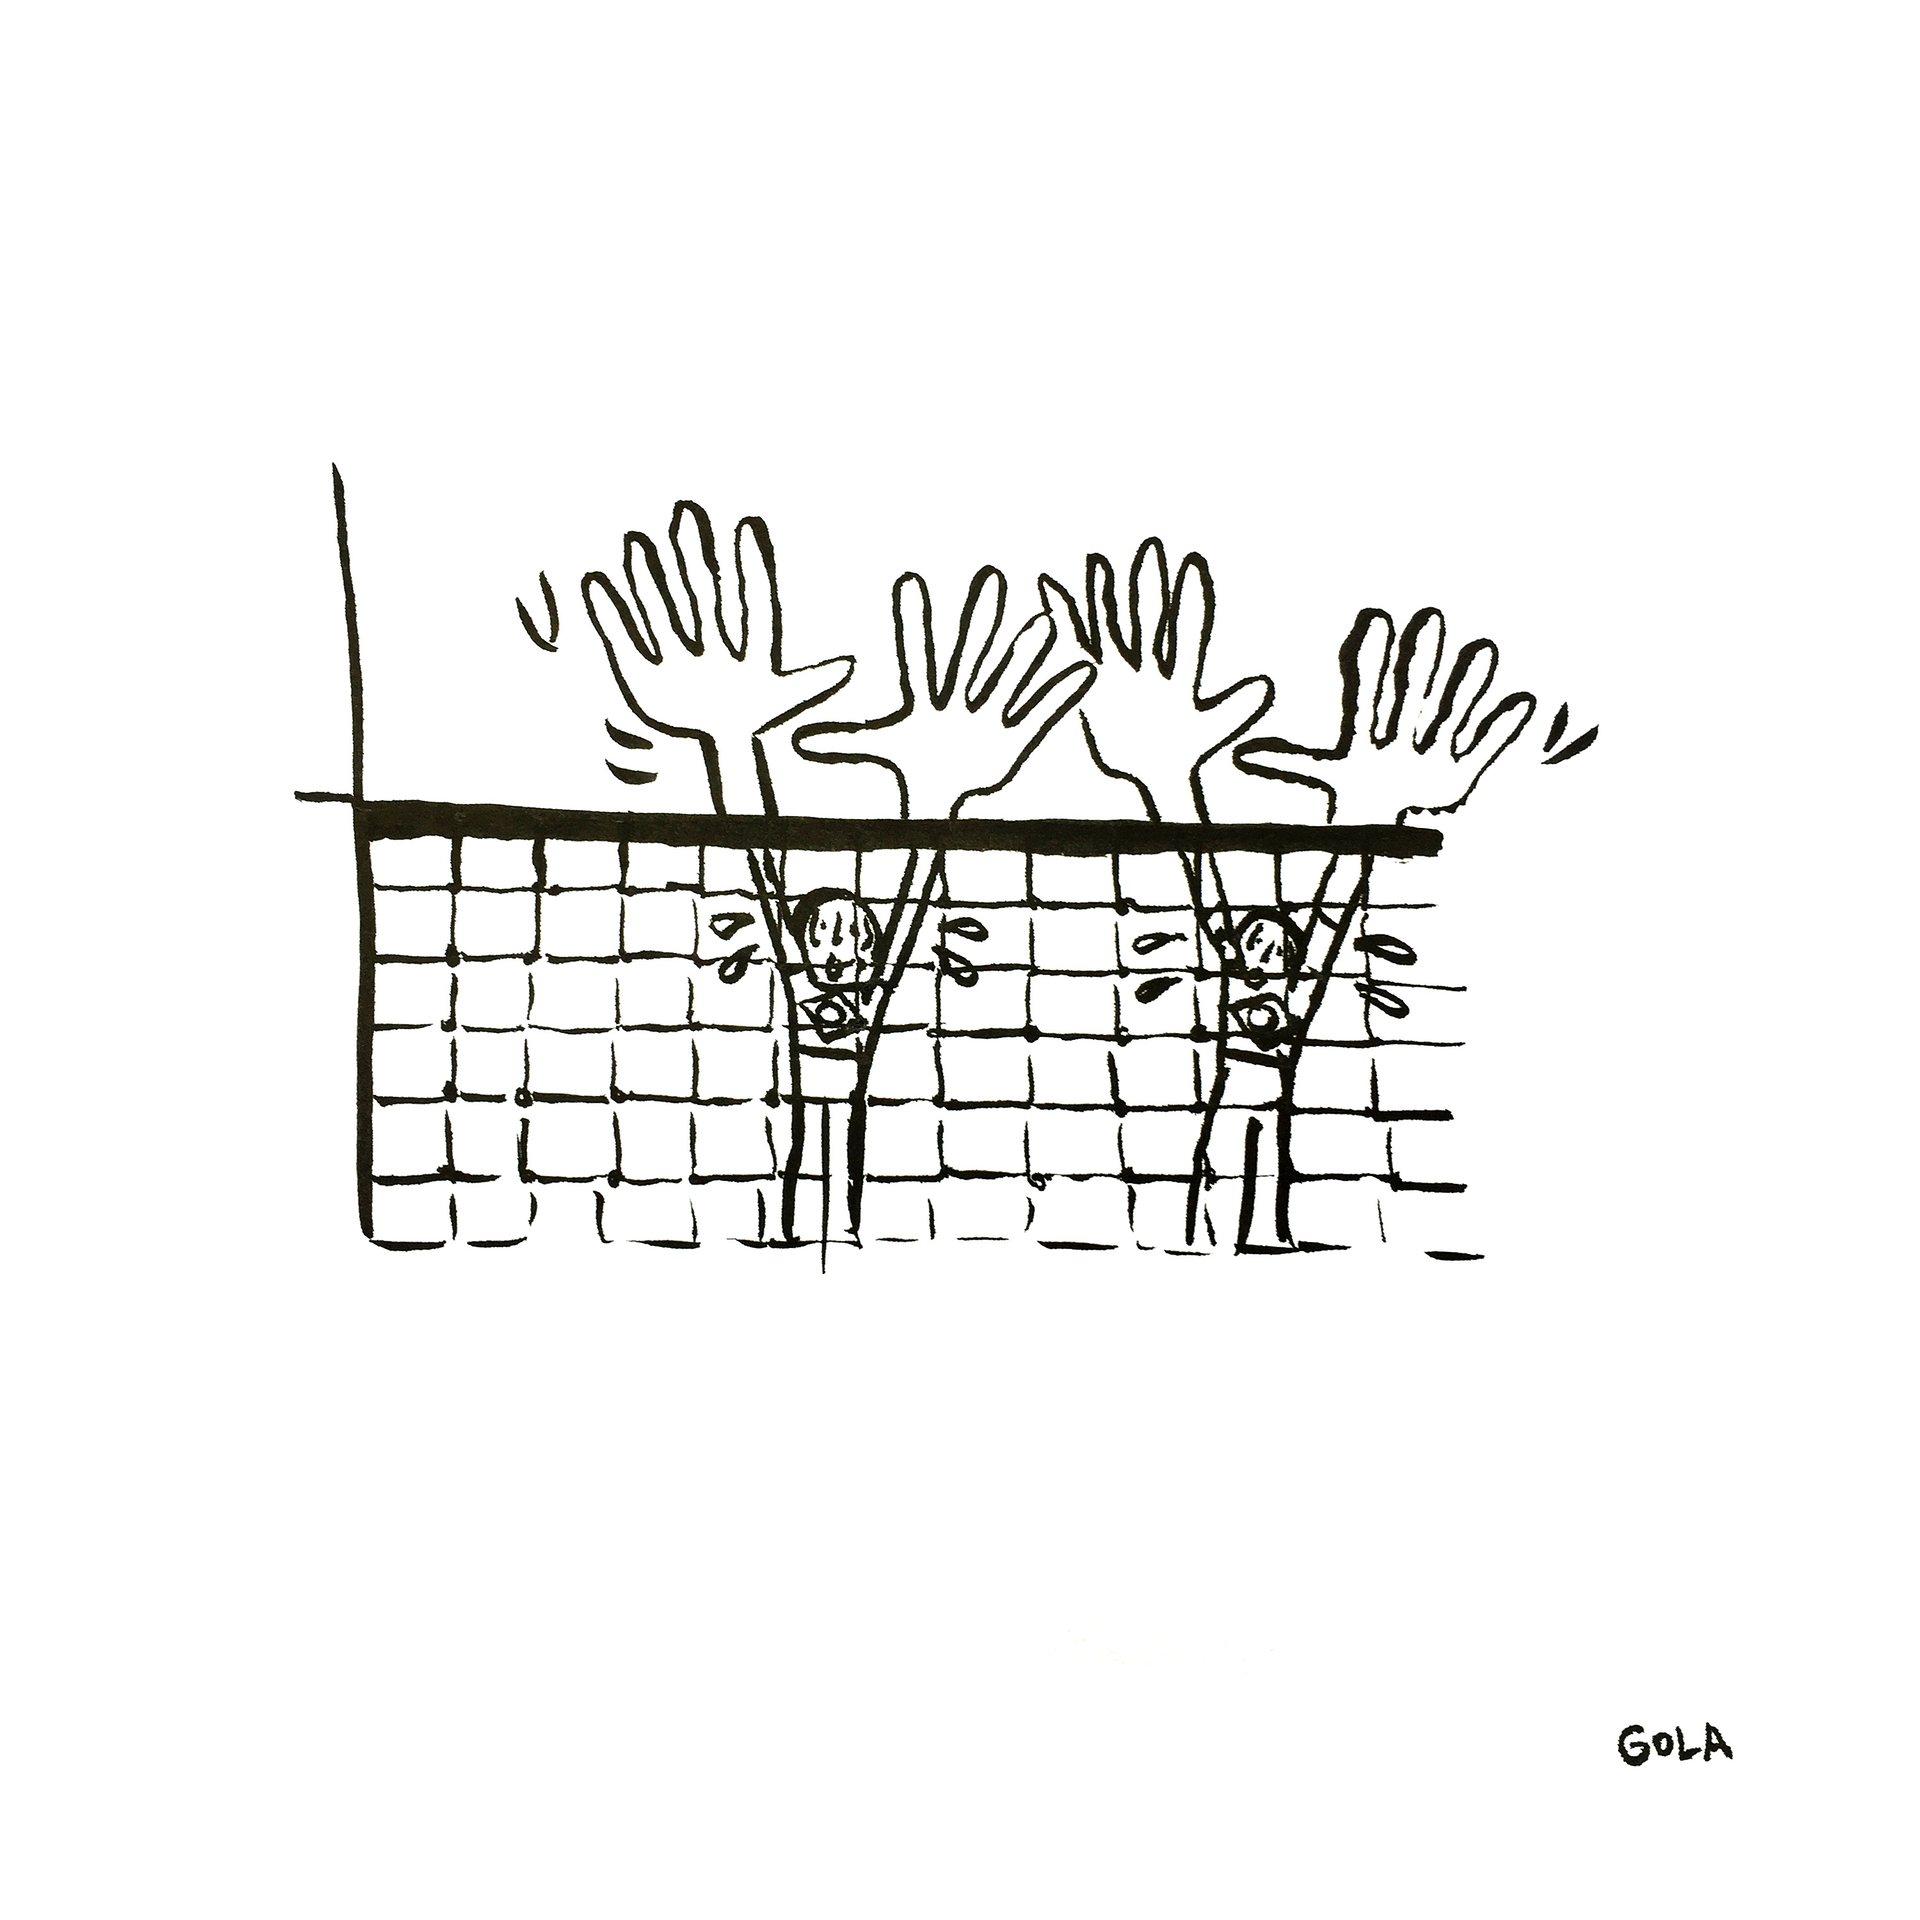 La defensa Brasileña en volleyball playa_Los Juegos Olímpicos visto por el artista brasileño André Gola FeelCurioso